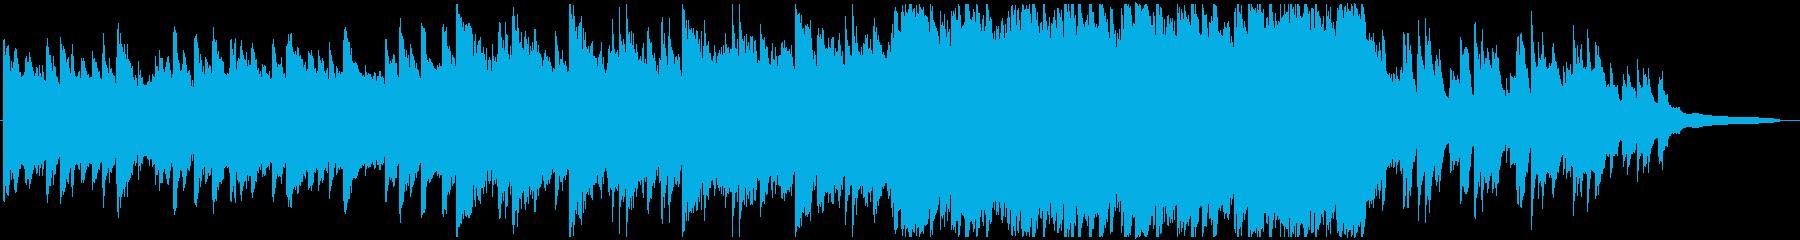 VP系7、ピアノ&オーケストラ、感動的Bの再生済みの波形